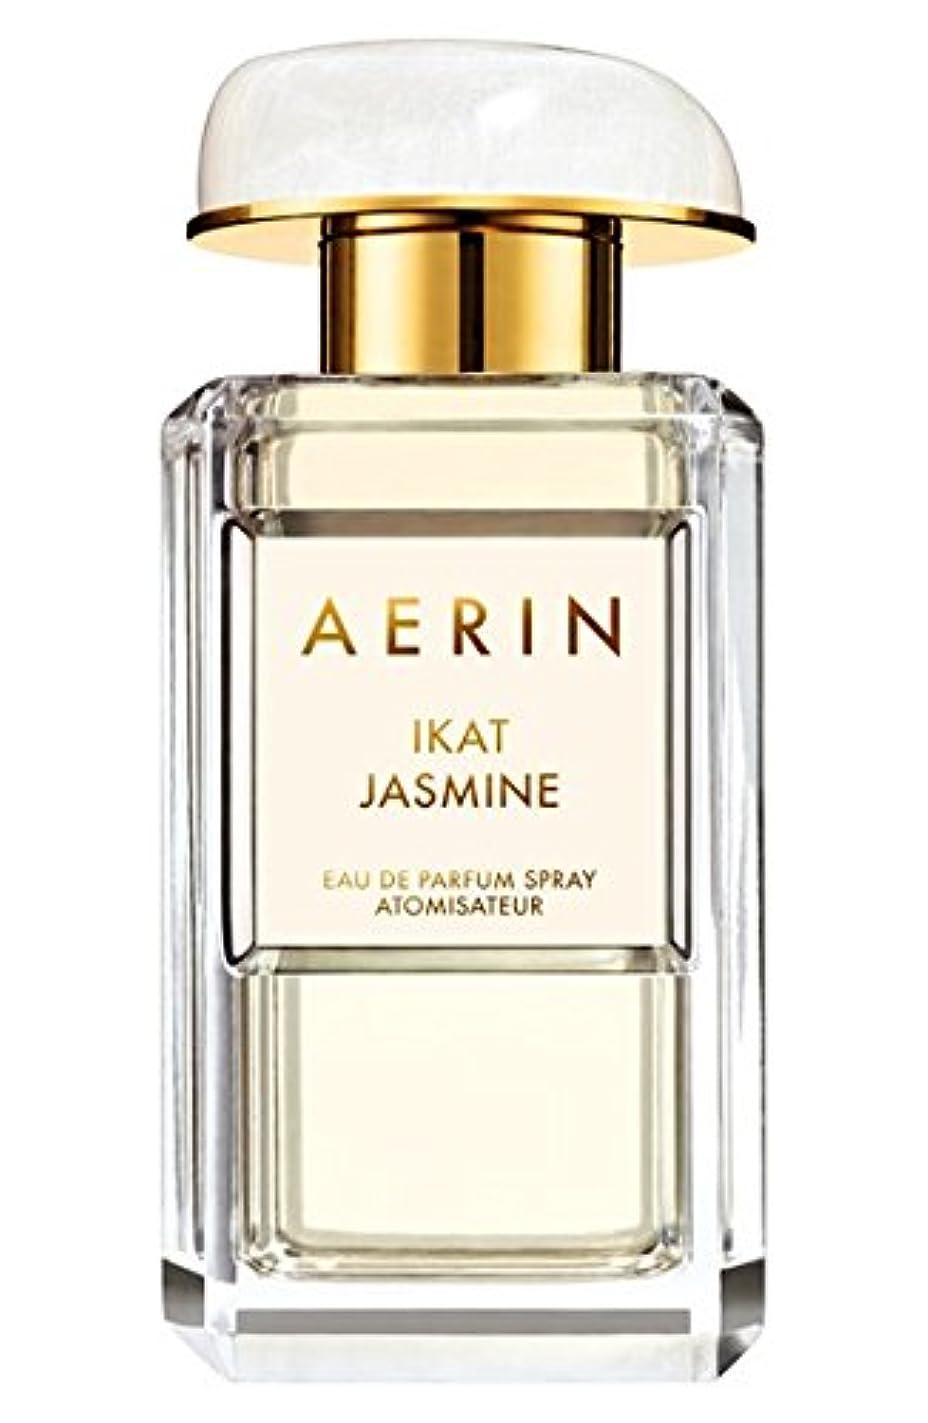 酒感嘆符どう?AERIN 'Ikat Jasmine' (アエリン イカ ジャスミン) 1.7 oz (50ml) EDP Spray by Estee Lauder for Women